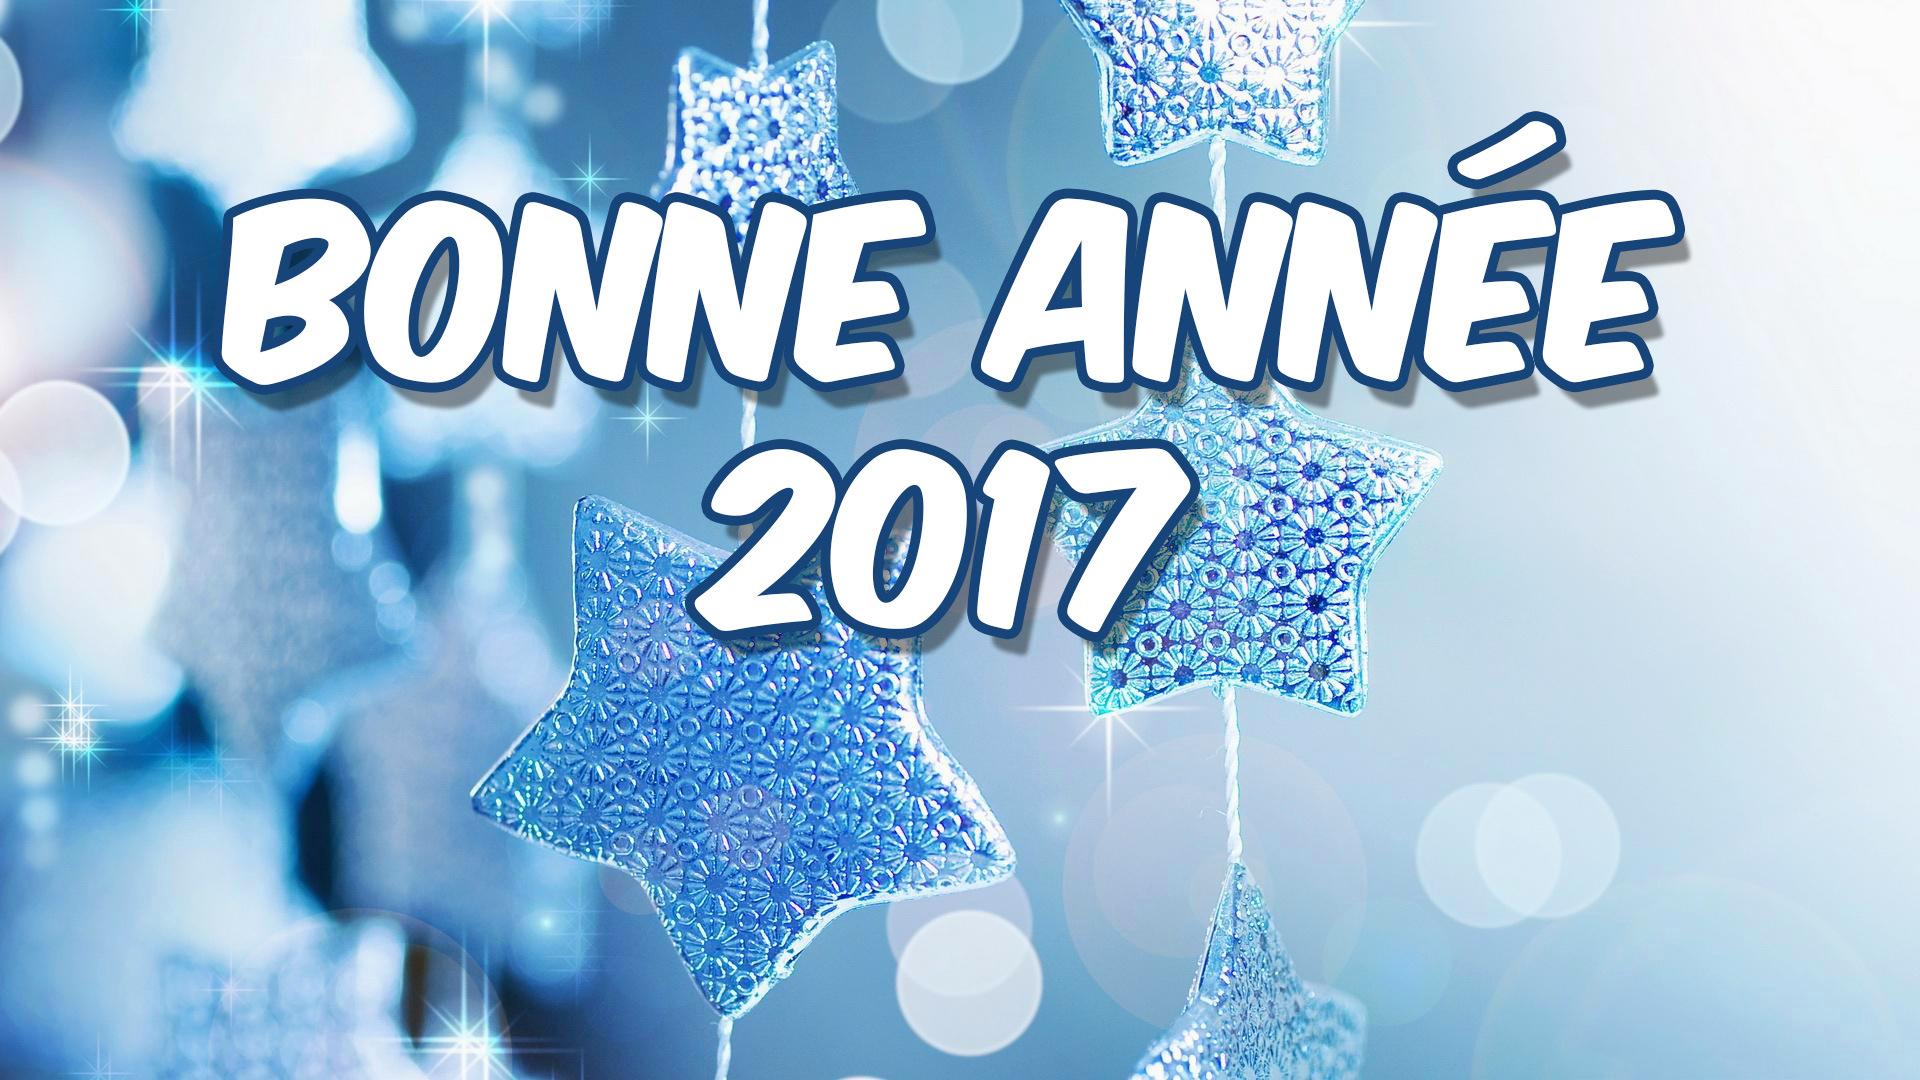 Fond ecran wallpaper image bonne annee 2017 12 toussus net for Fond ecran noel 2016